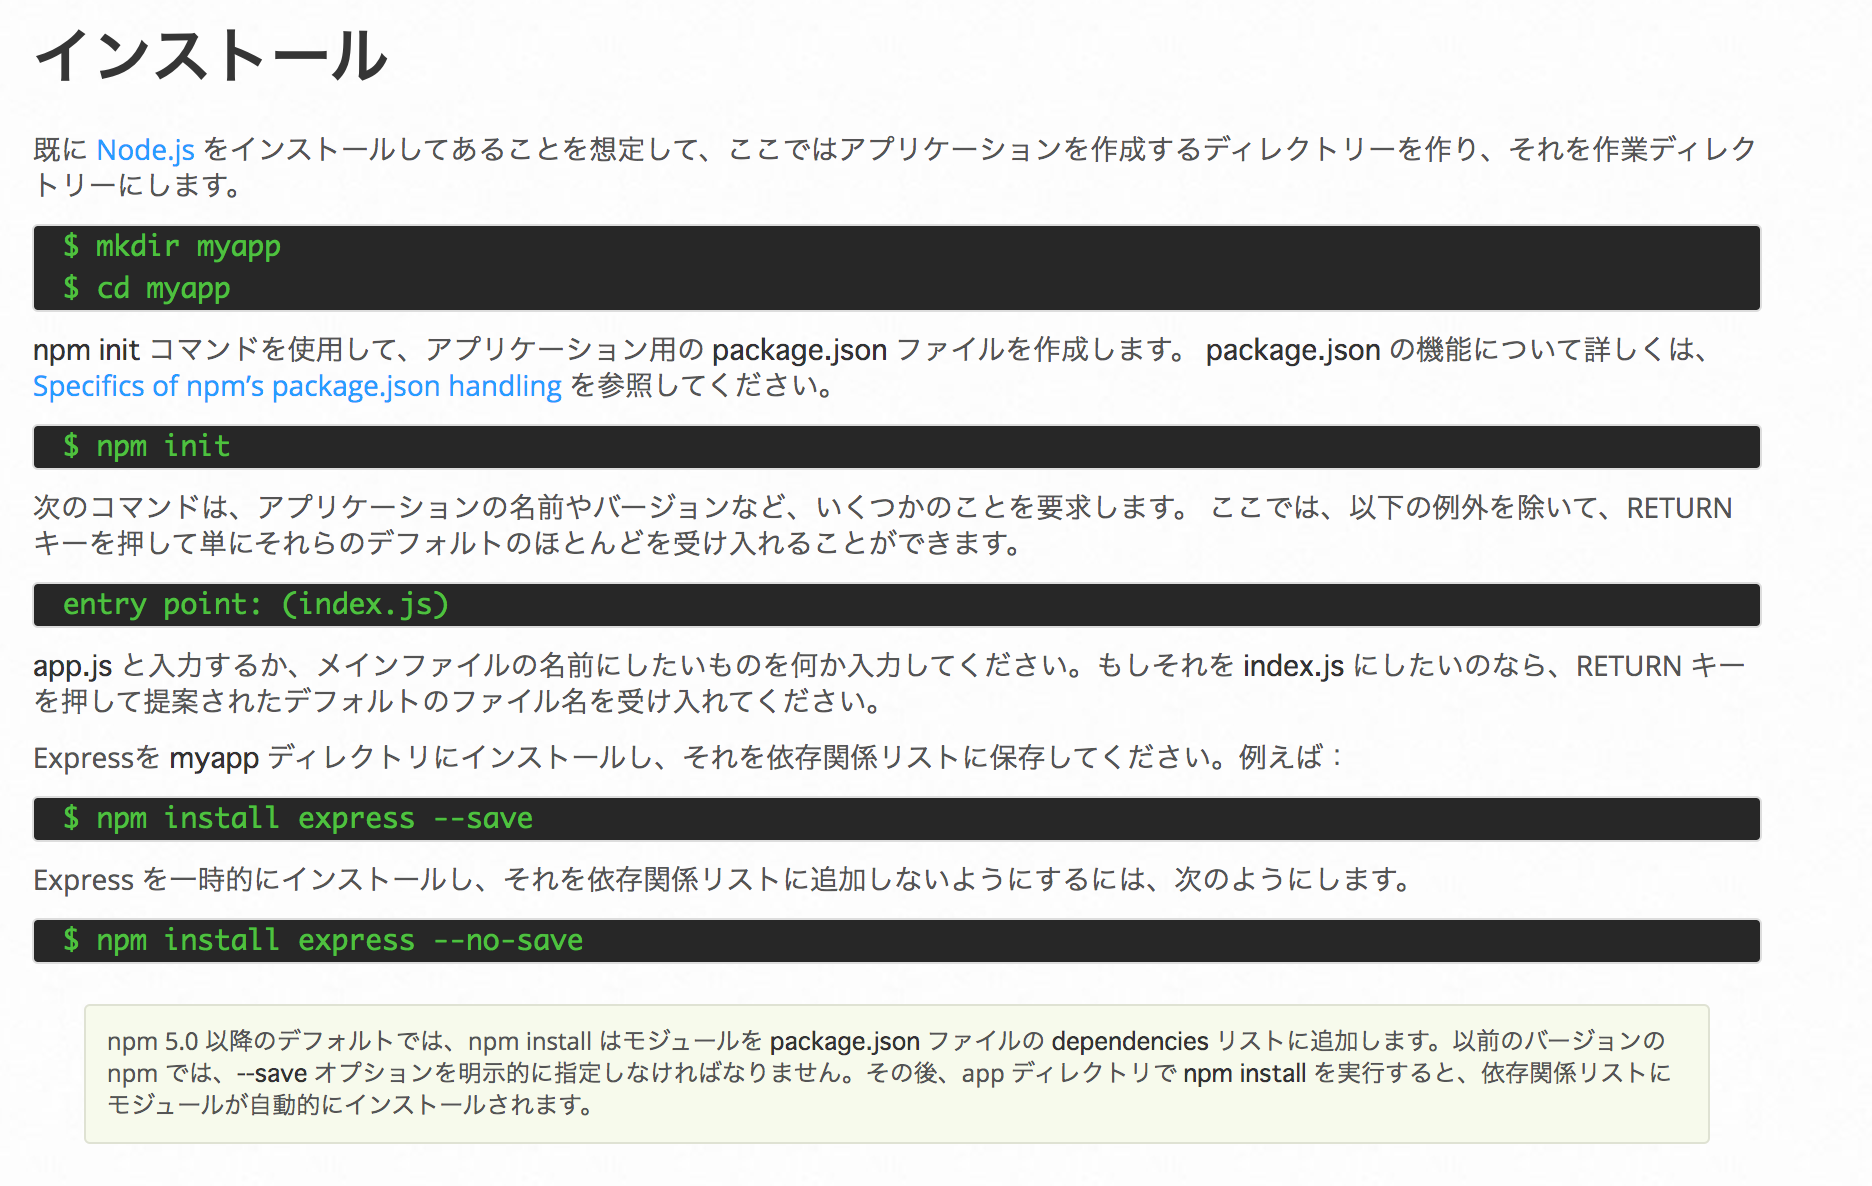 スクリーンショット 2020-01-17 21.49.43.png